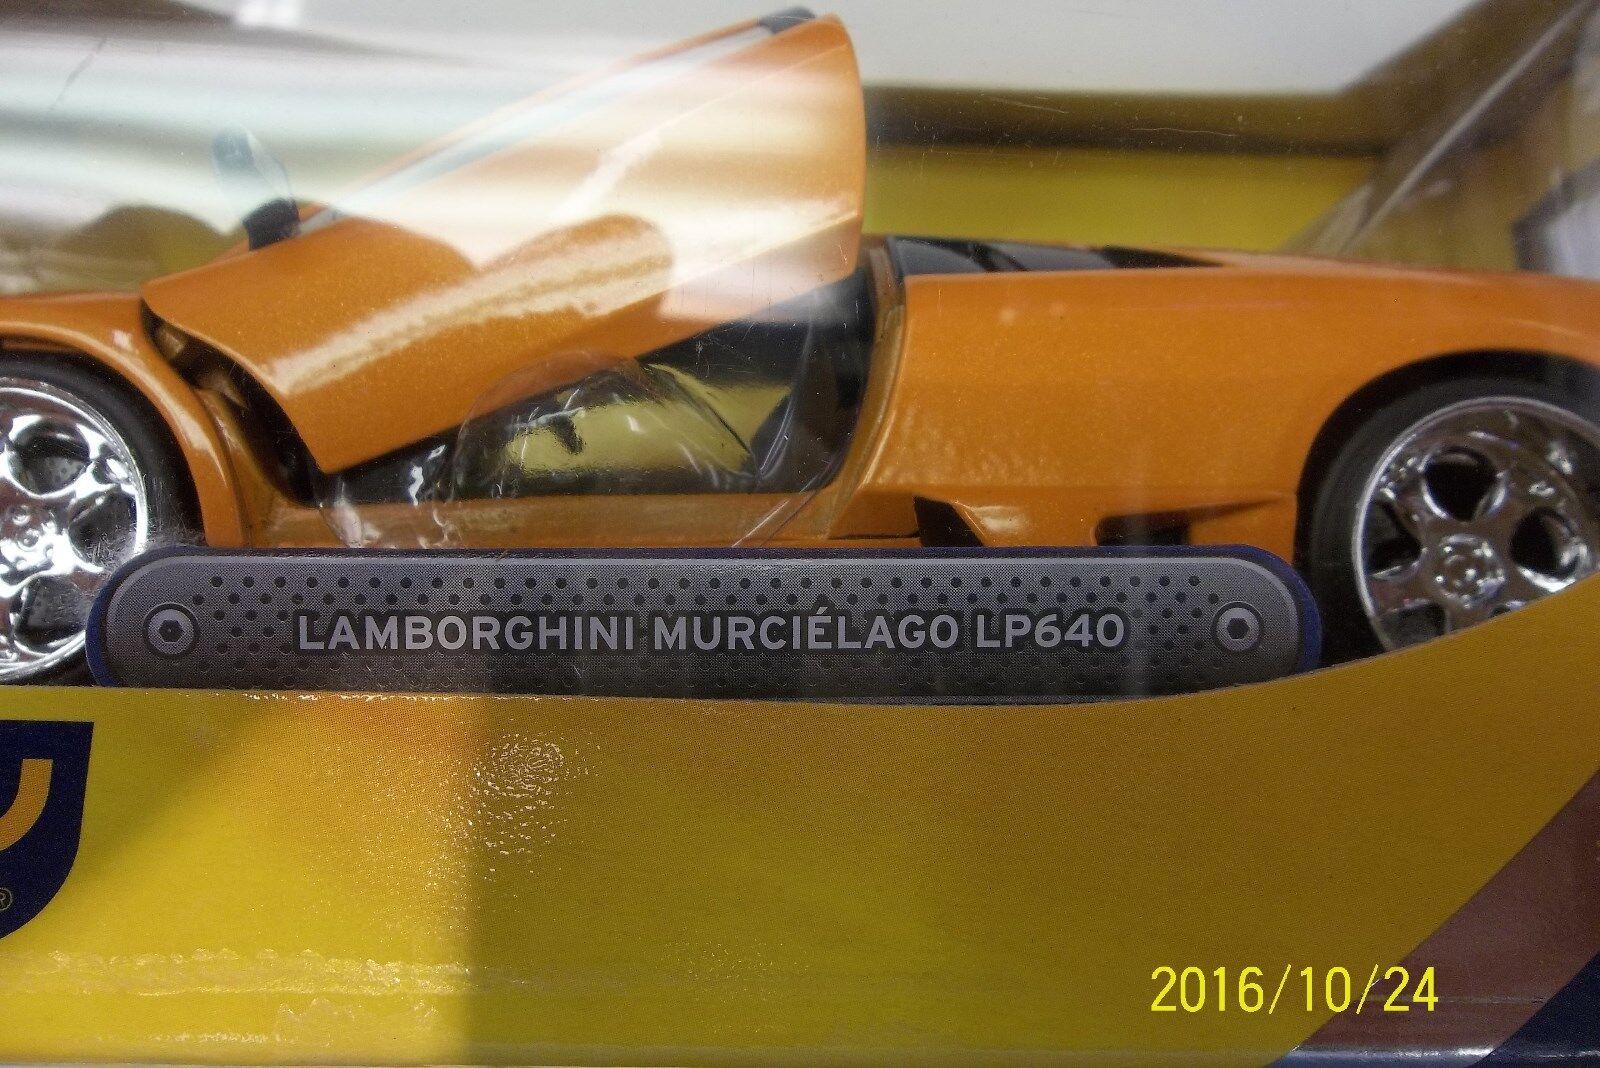 JADA TOYS DUB DUB DUB CITY LAMBORGHINI MURCIELAGO LP640 1 24  RARE  orange ec9d80